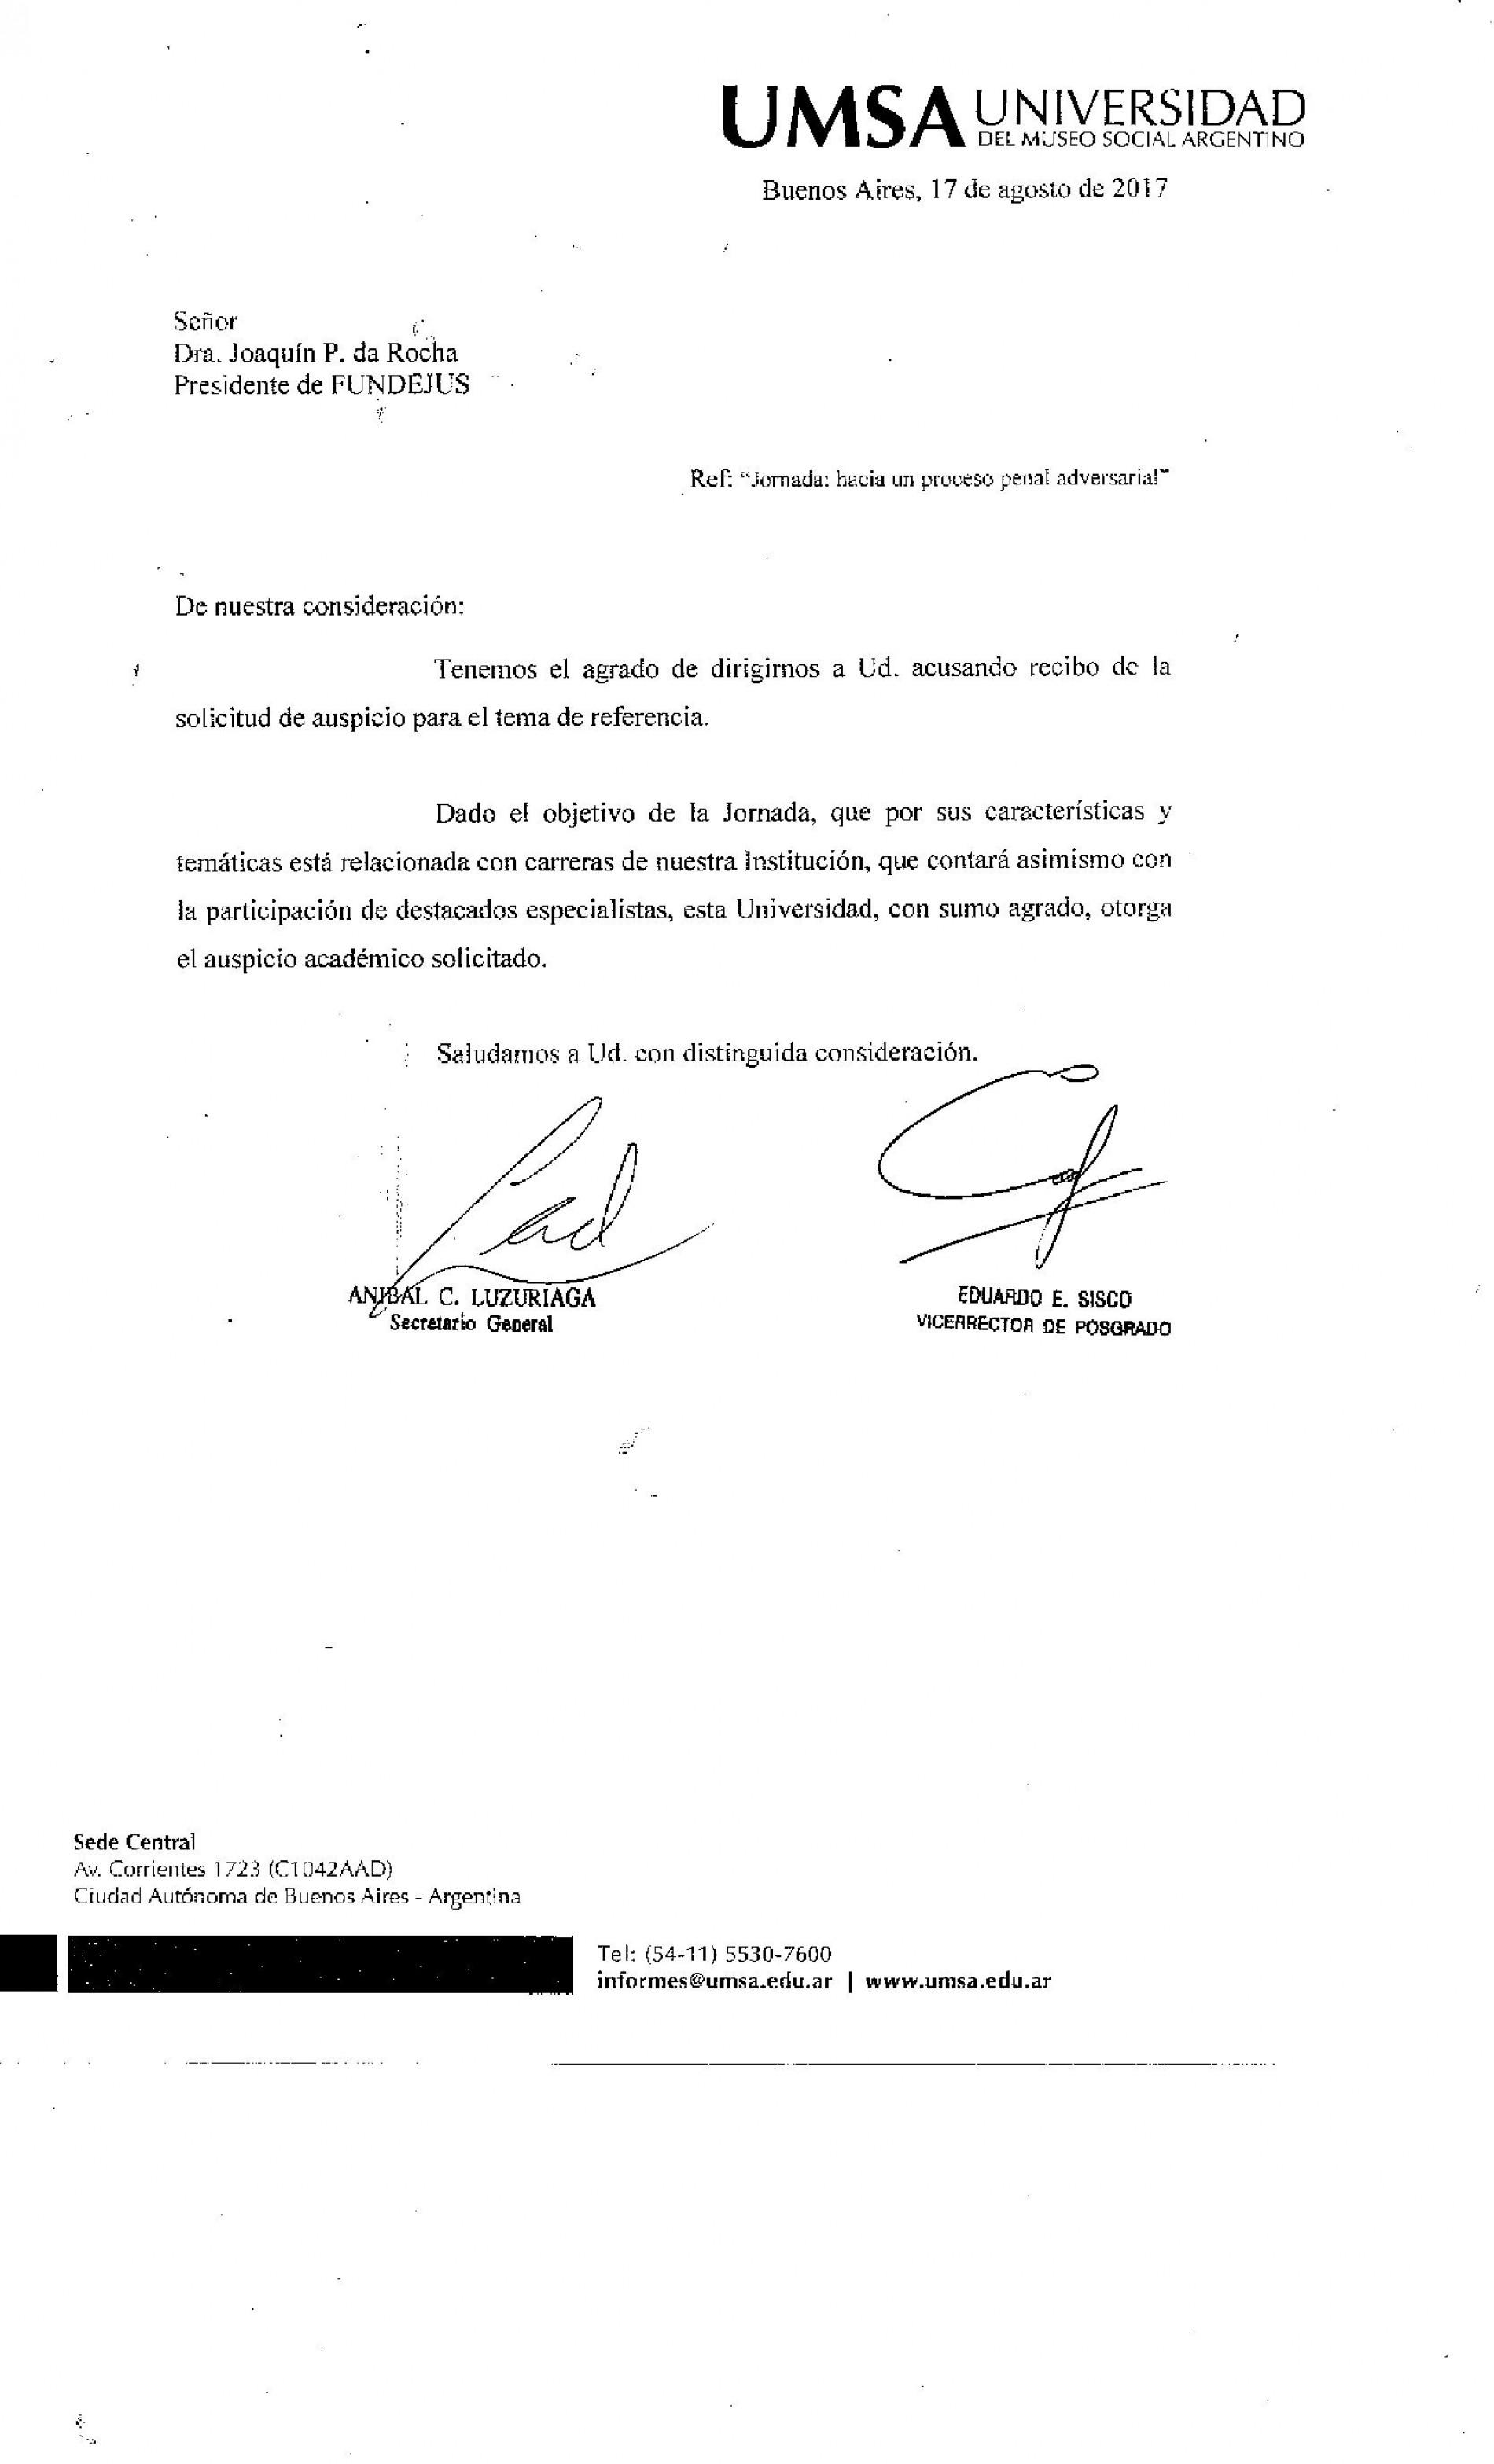 """"""" Hacia un proceso penal adversarial """": Declaración de interés de UMSA"""